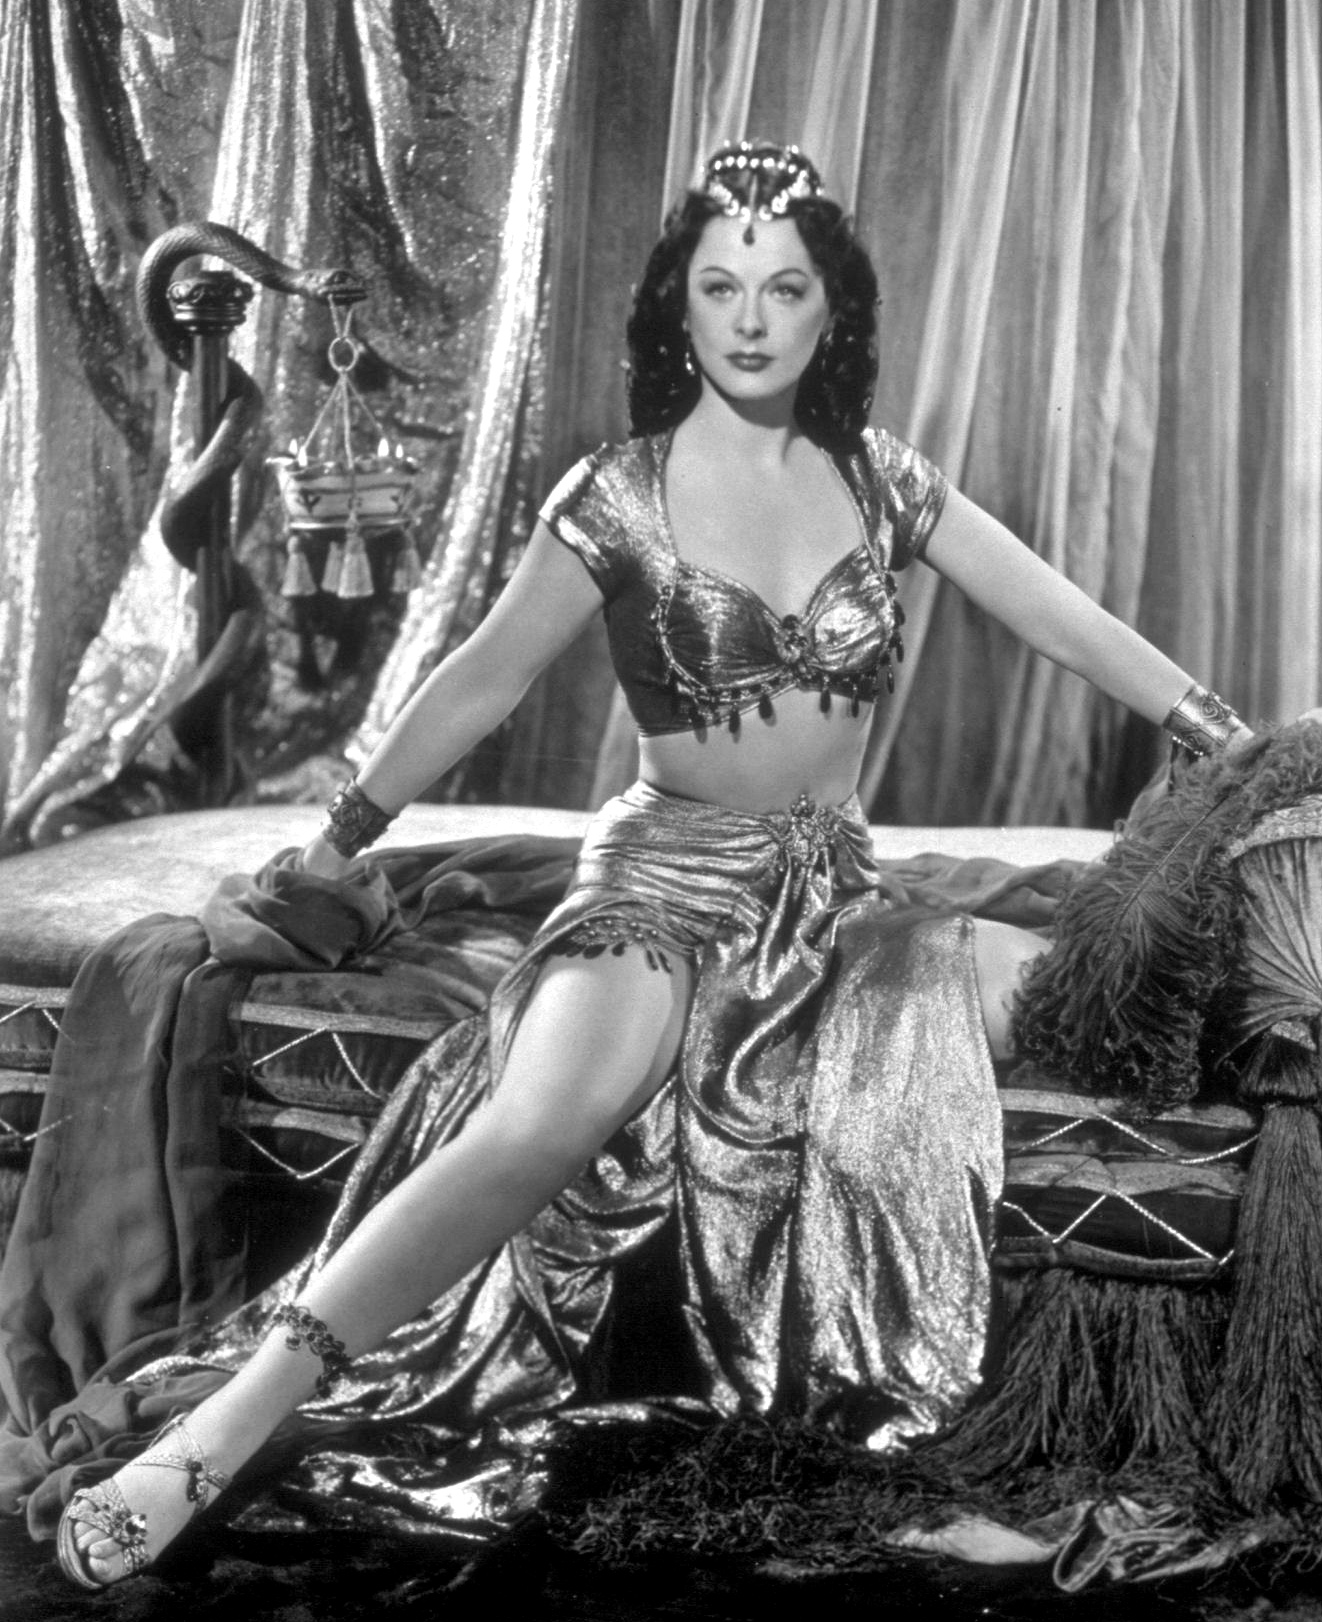 Hedy Lamarr as Delilah